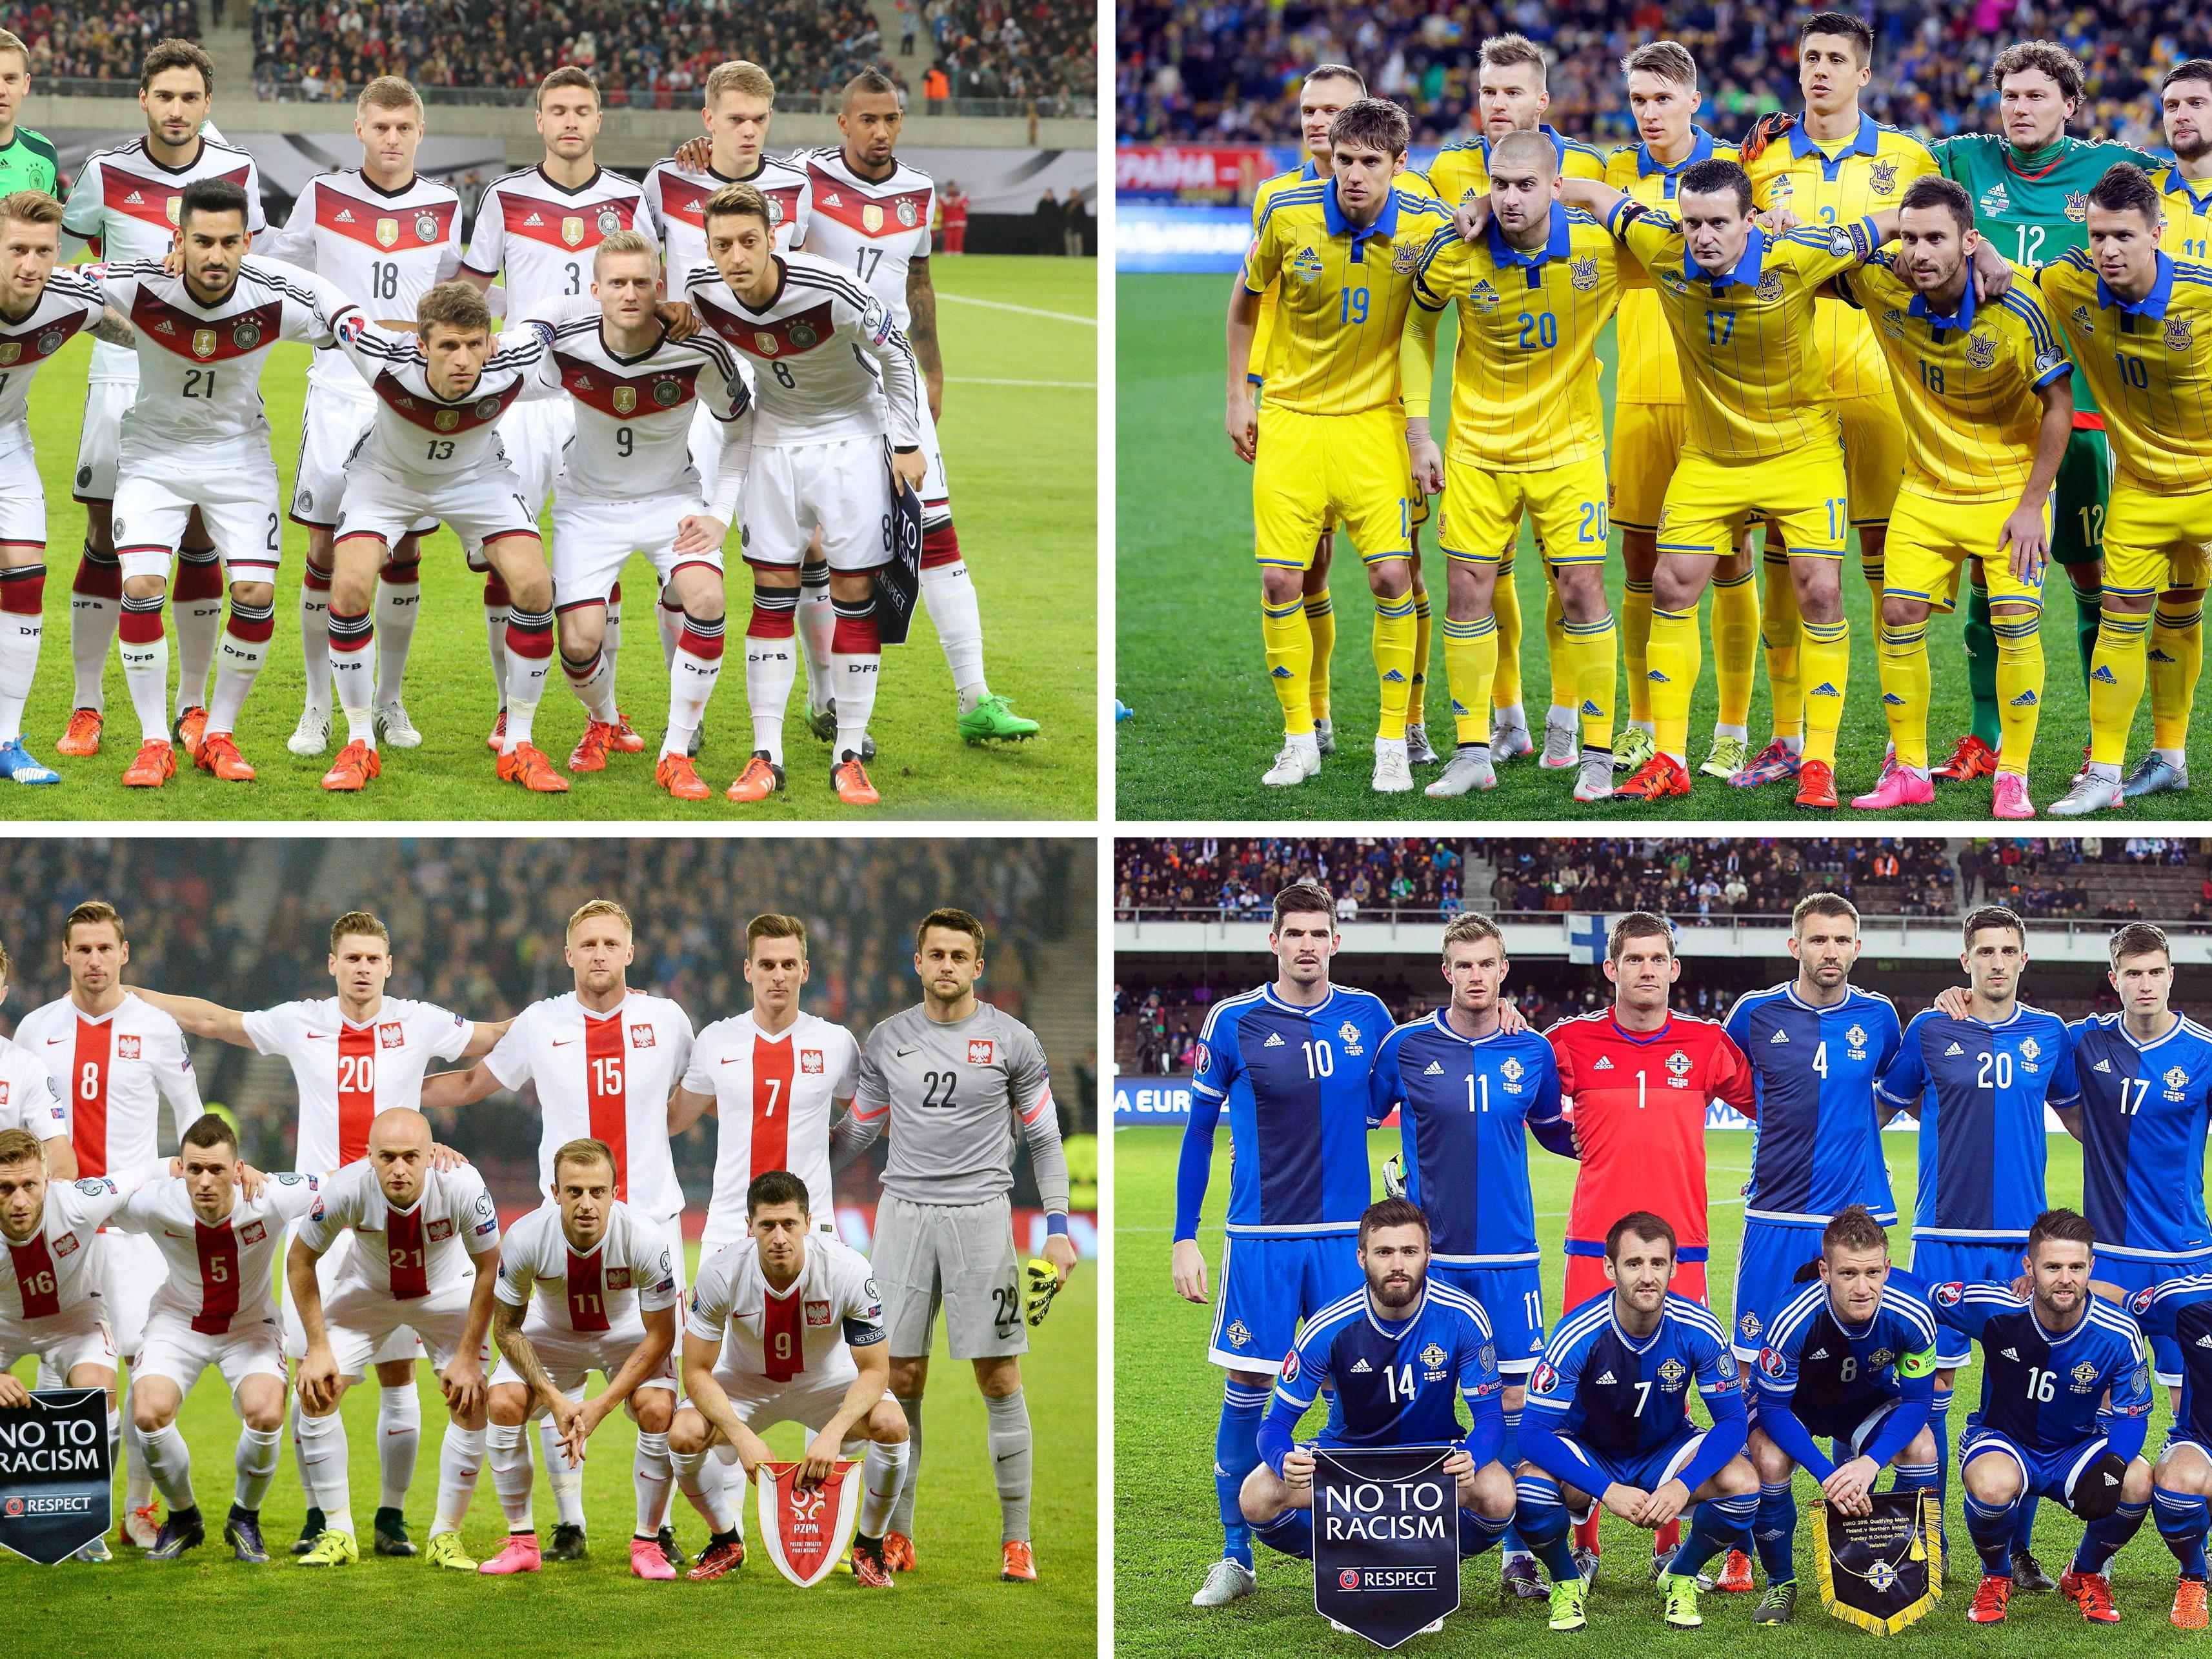 Die Gruppe C der Fußball-EM 2016 in Frankreich.